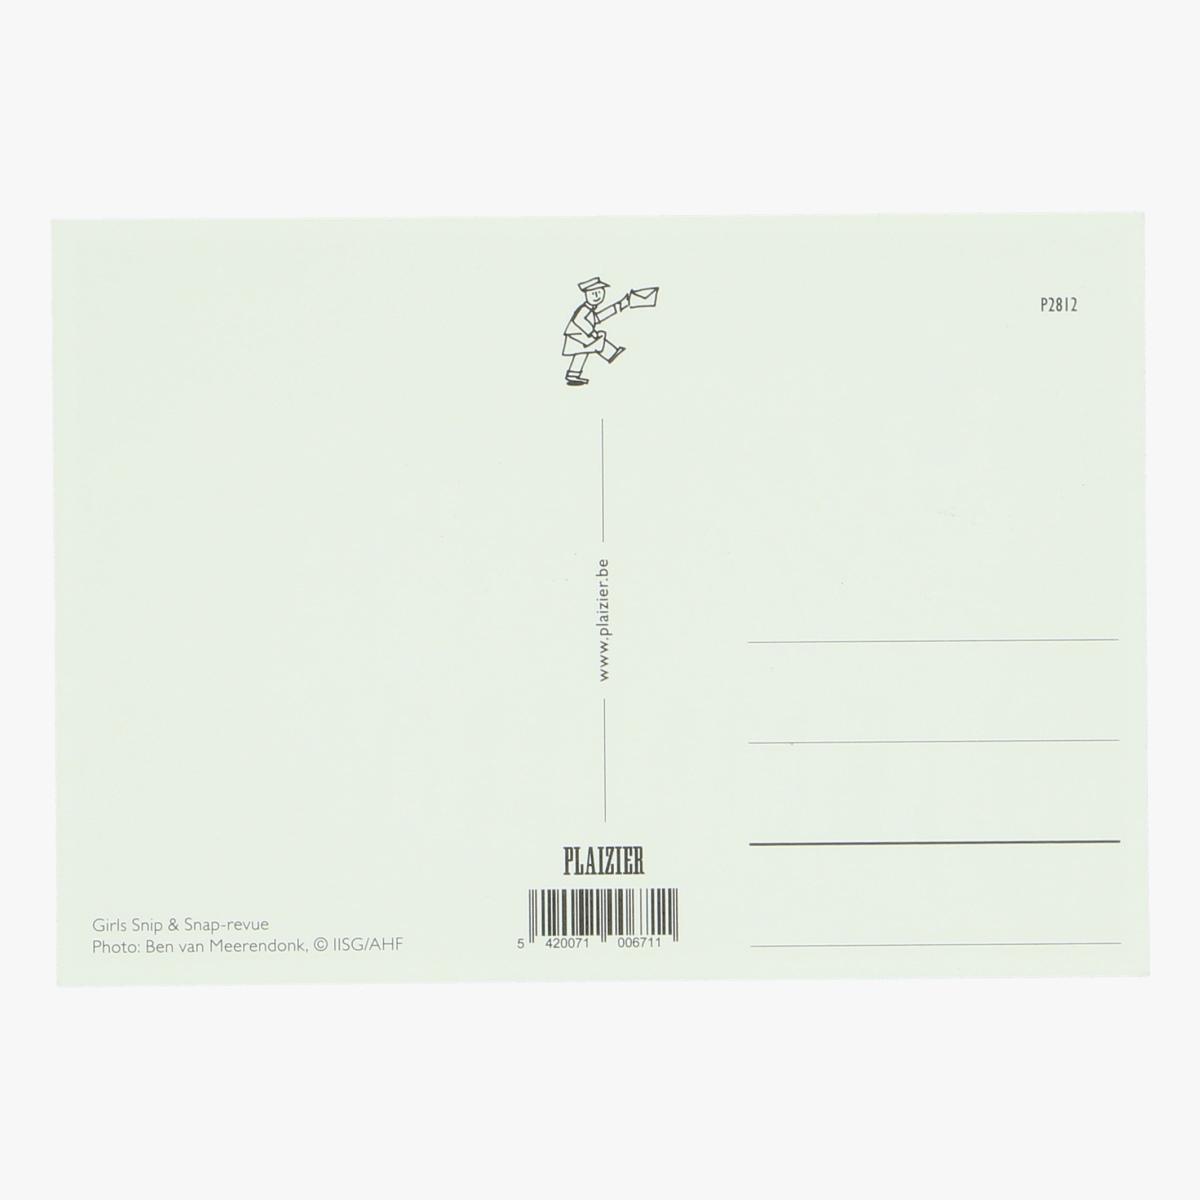 Afbeeldingen van postkaart girl snip & snap - revue repro